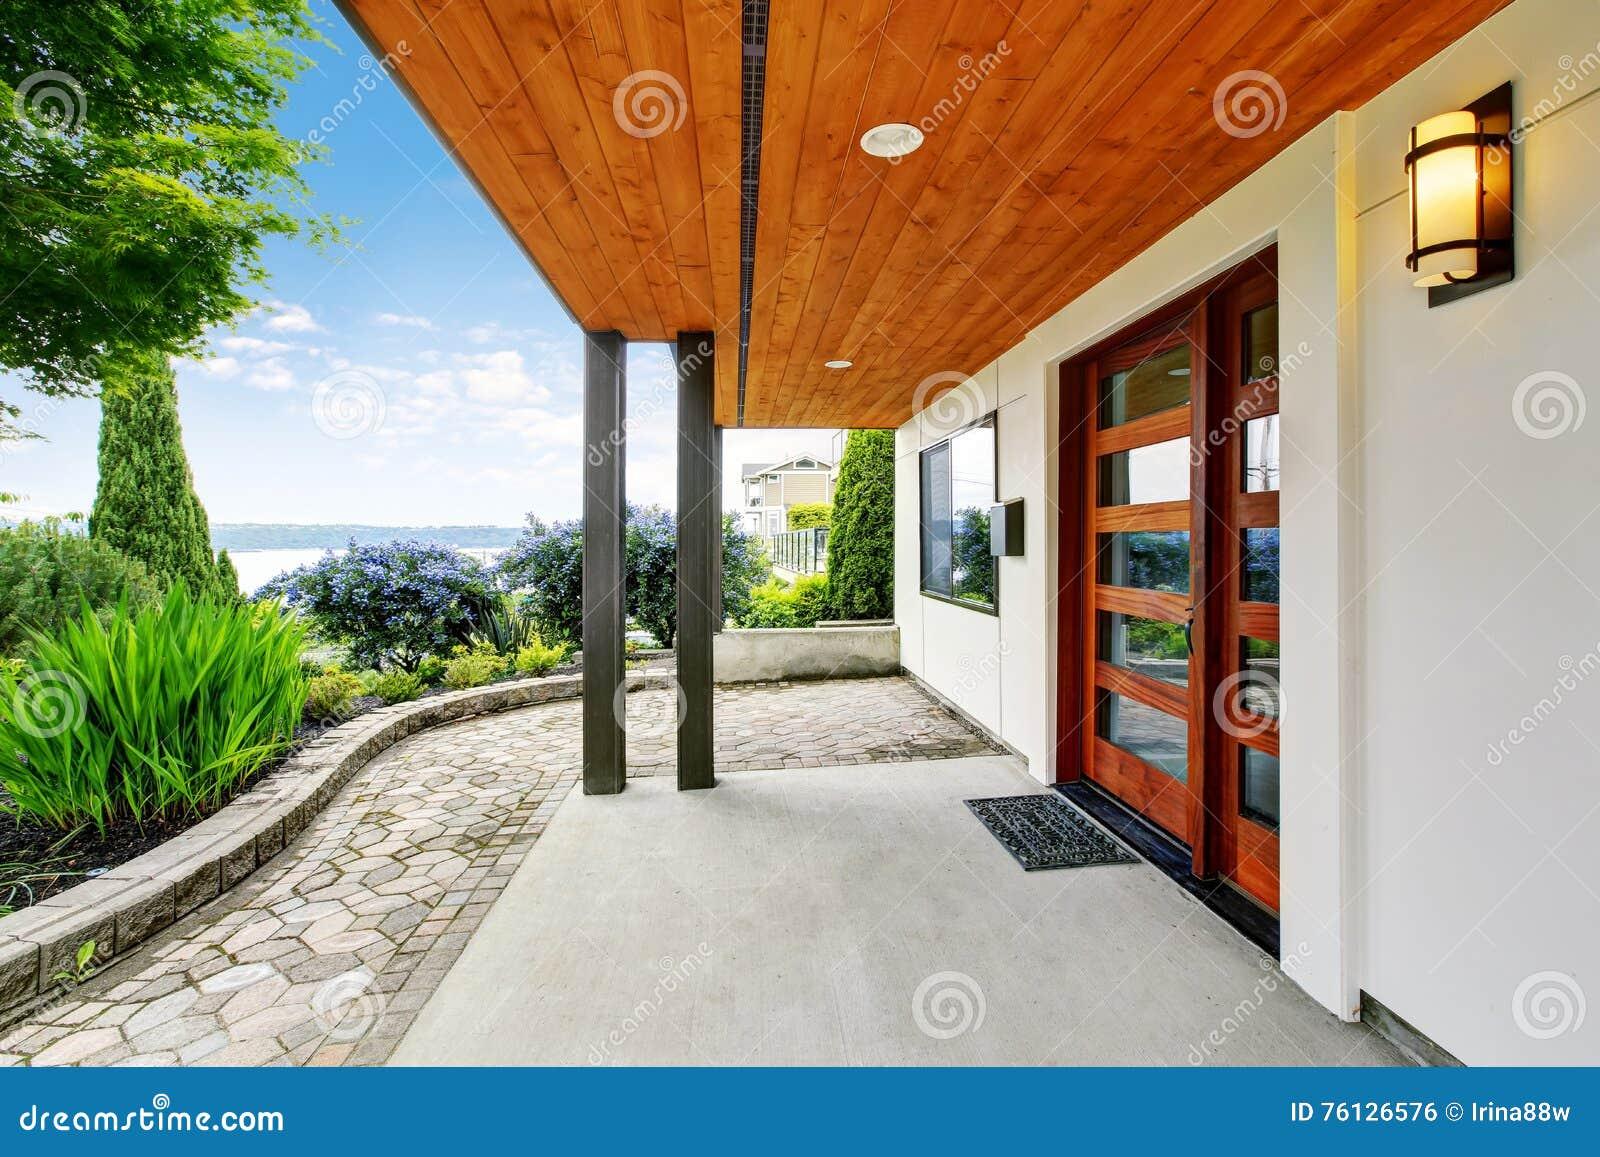 Entrée Moderne Maison dedans entrée moderne de maison avec le passage couvert concret et la vue